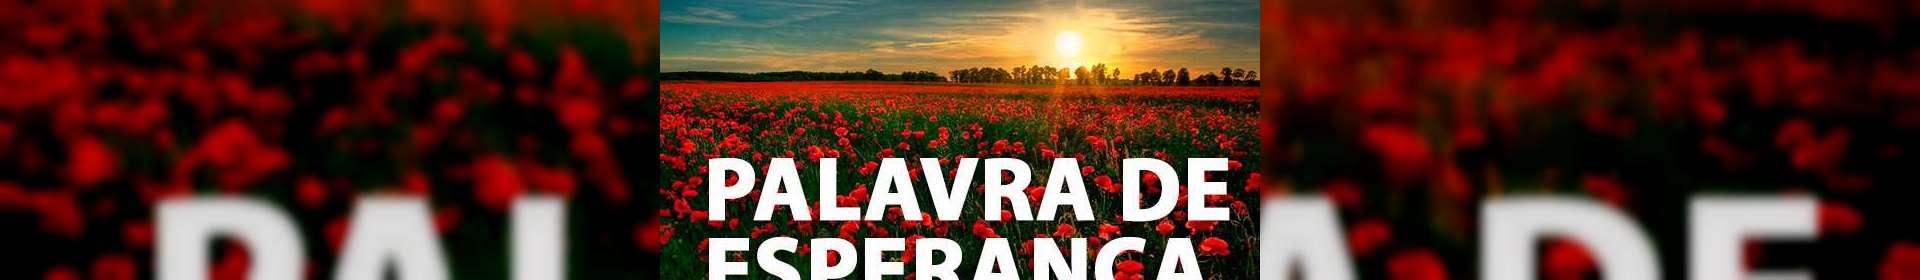 Salmos 51:10 - Uma Palavra de Esperança para sua vida